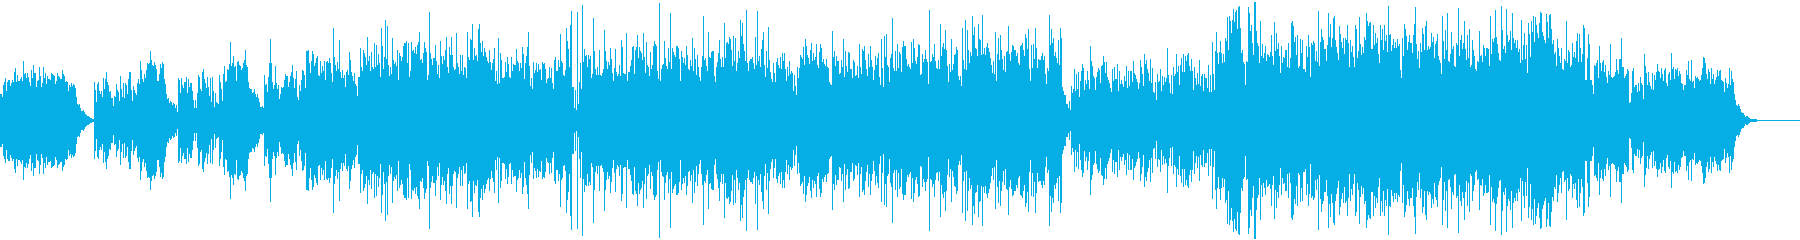 ソロギターによるバラードの再生済みの波形